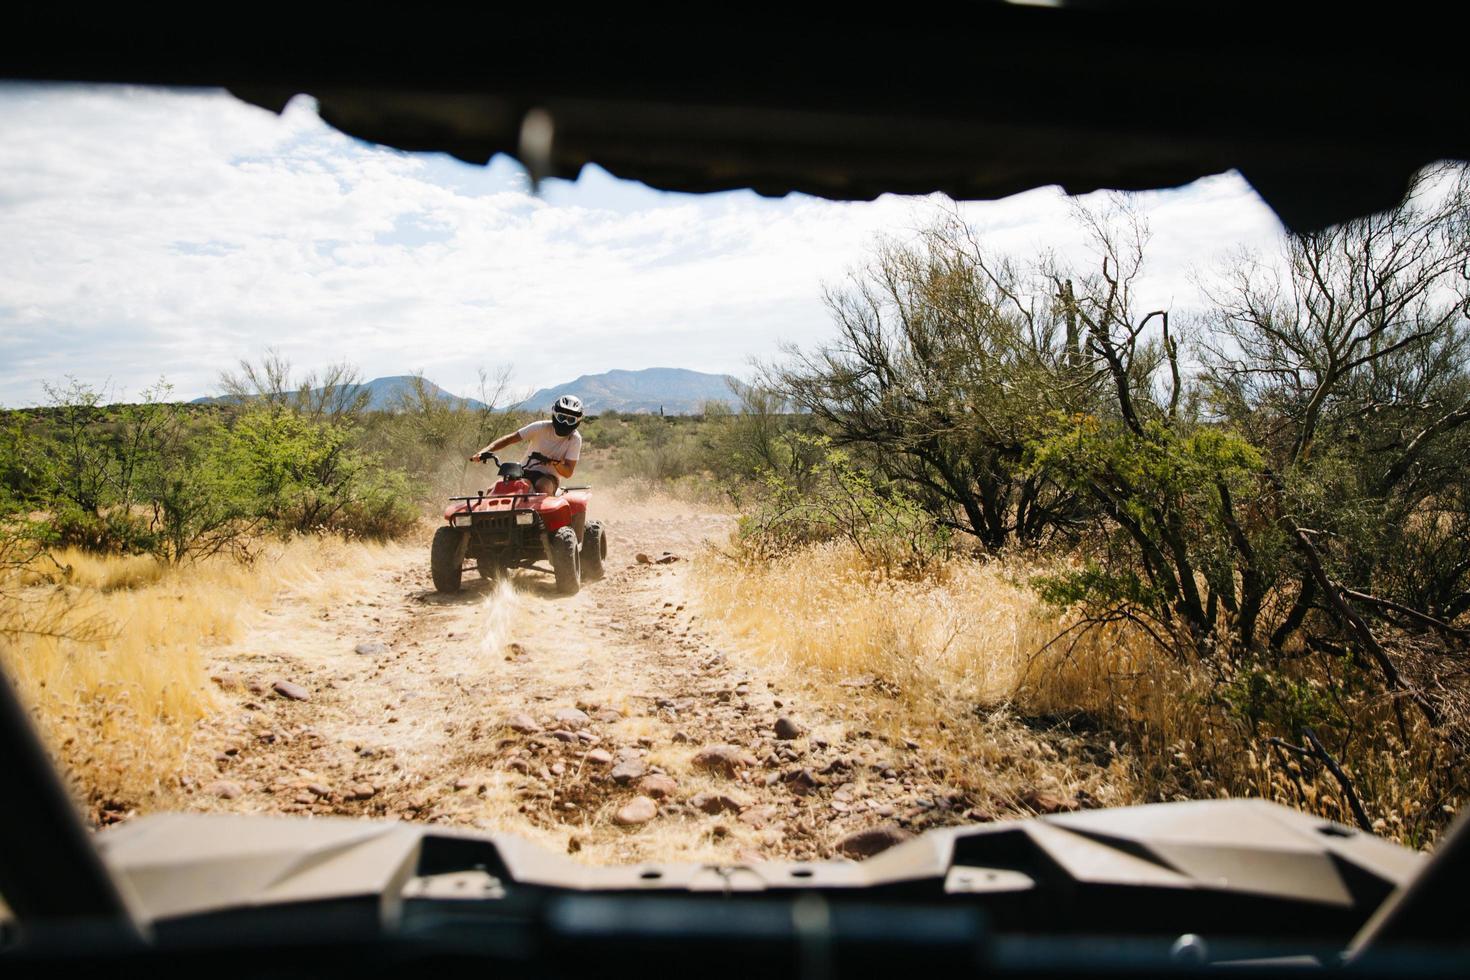 Quad fahren in der Wüste foto